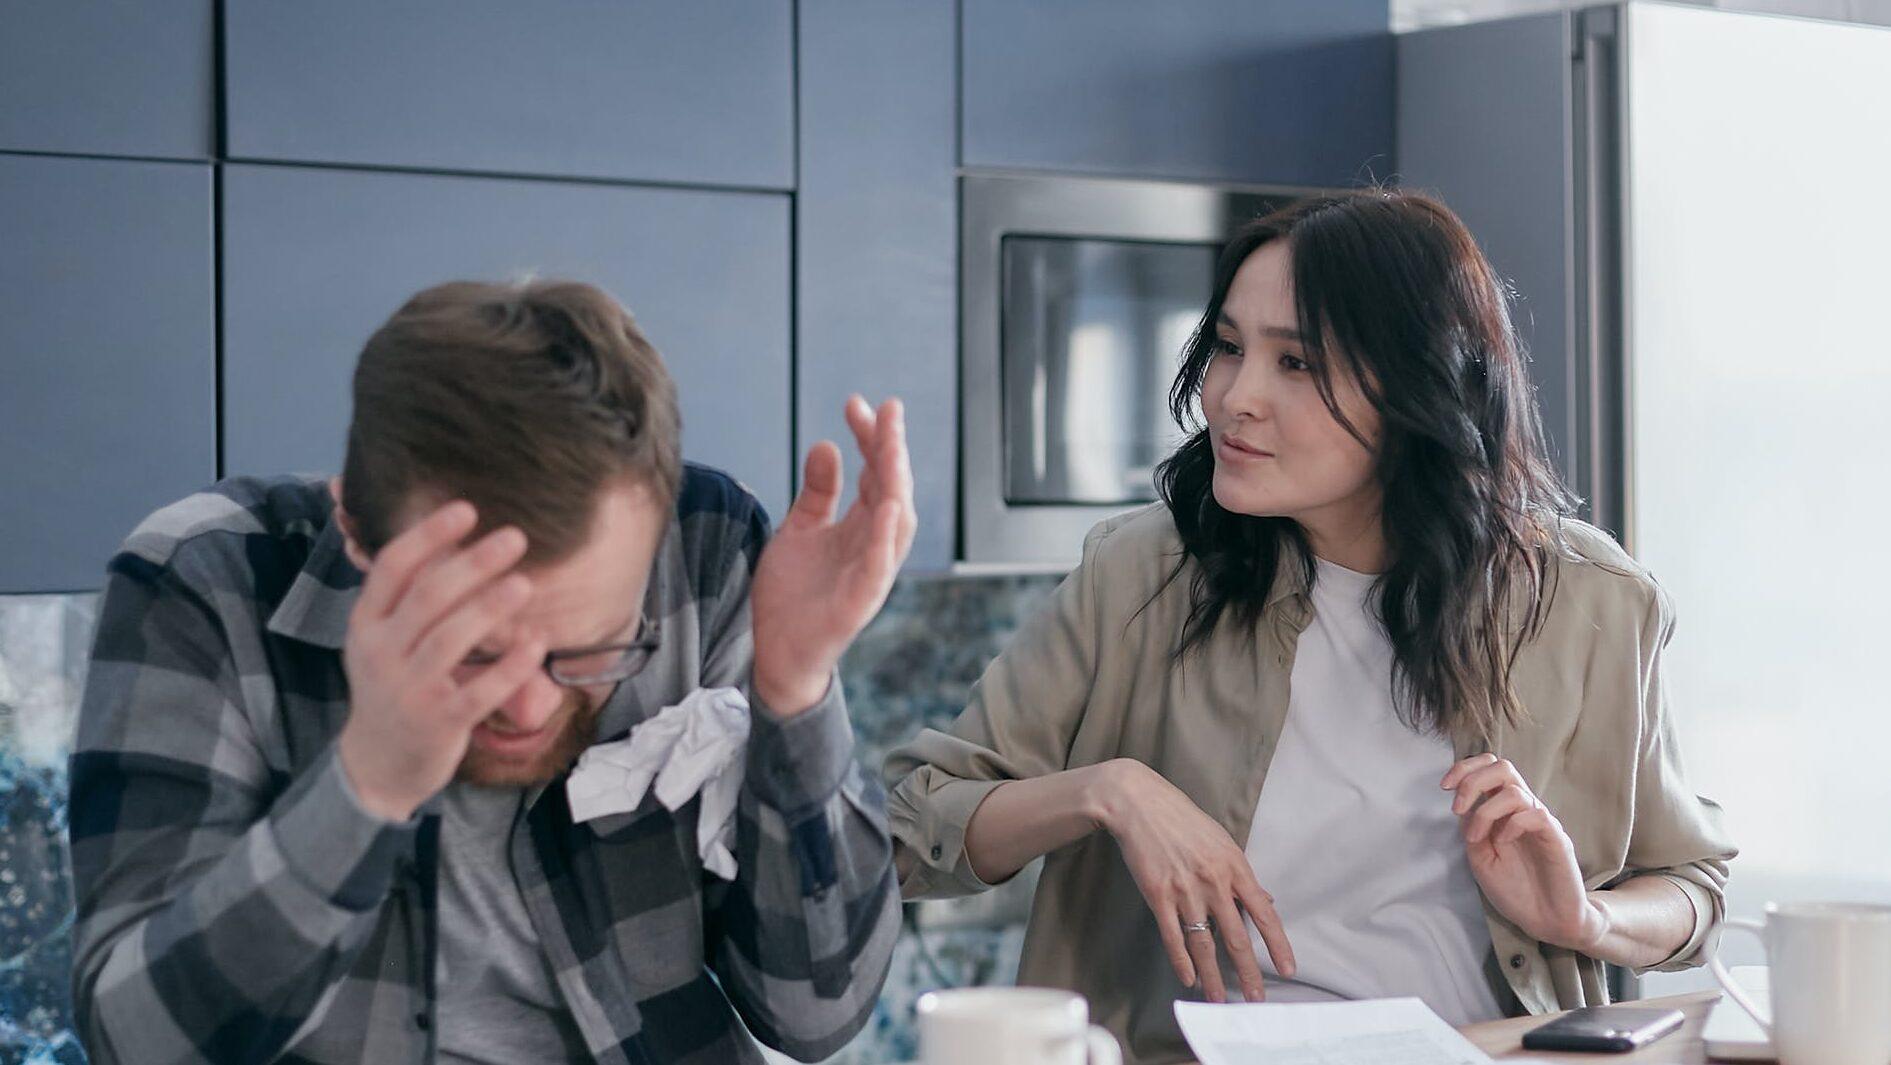 自分の気持ちを何も言わない夫ほど離婚に注意!?元何も言わない夫が徹底解説!のイメージ画像4